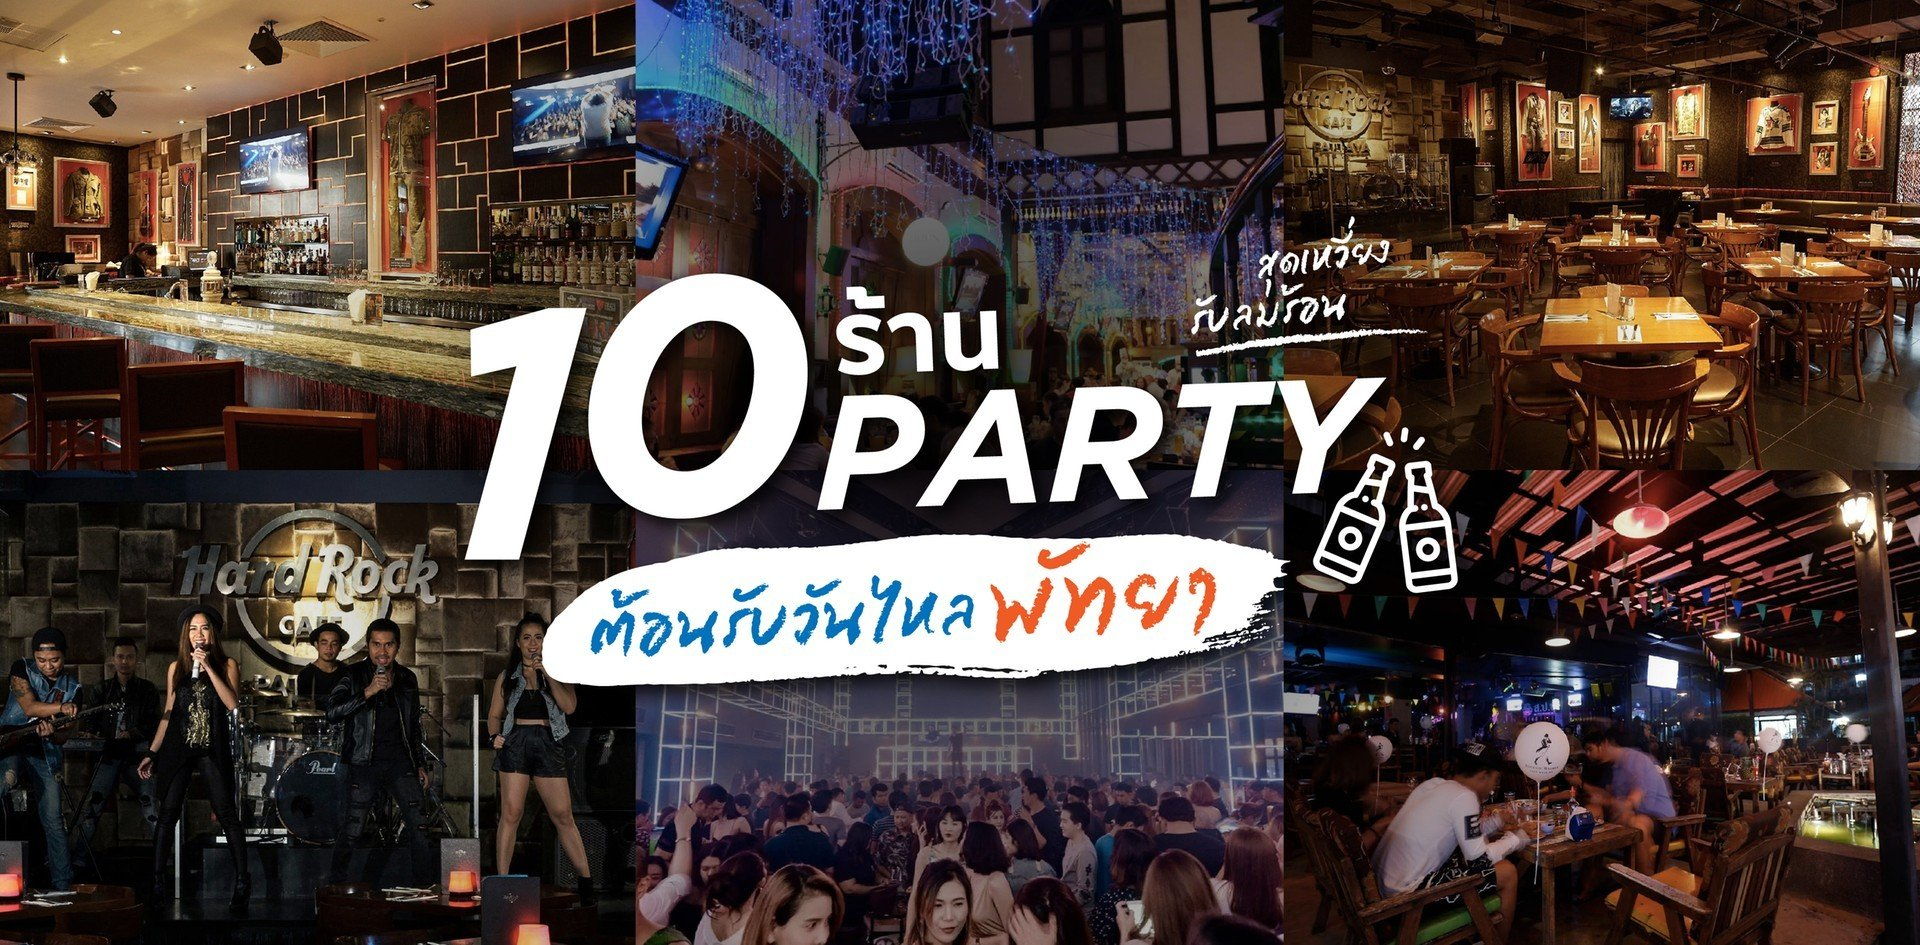 10 ร้านปาร์ตี้กินดื่ม พัทยา สุดเหวี่ยงรับลมร้อน ในวันไหล พัทยา